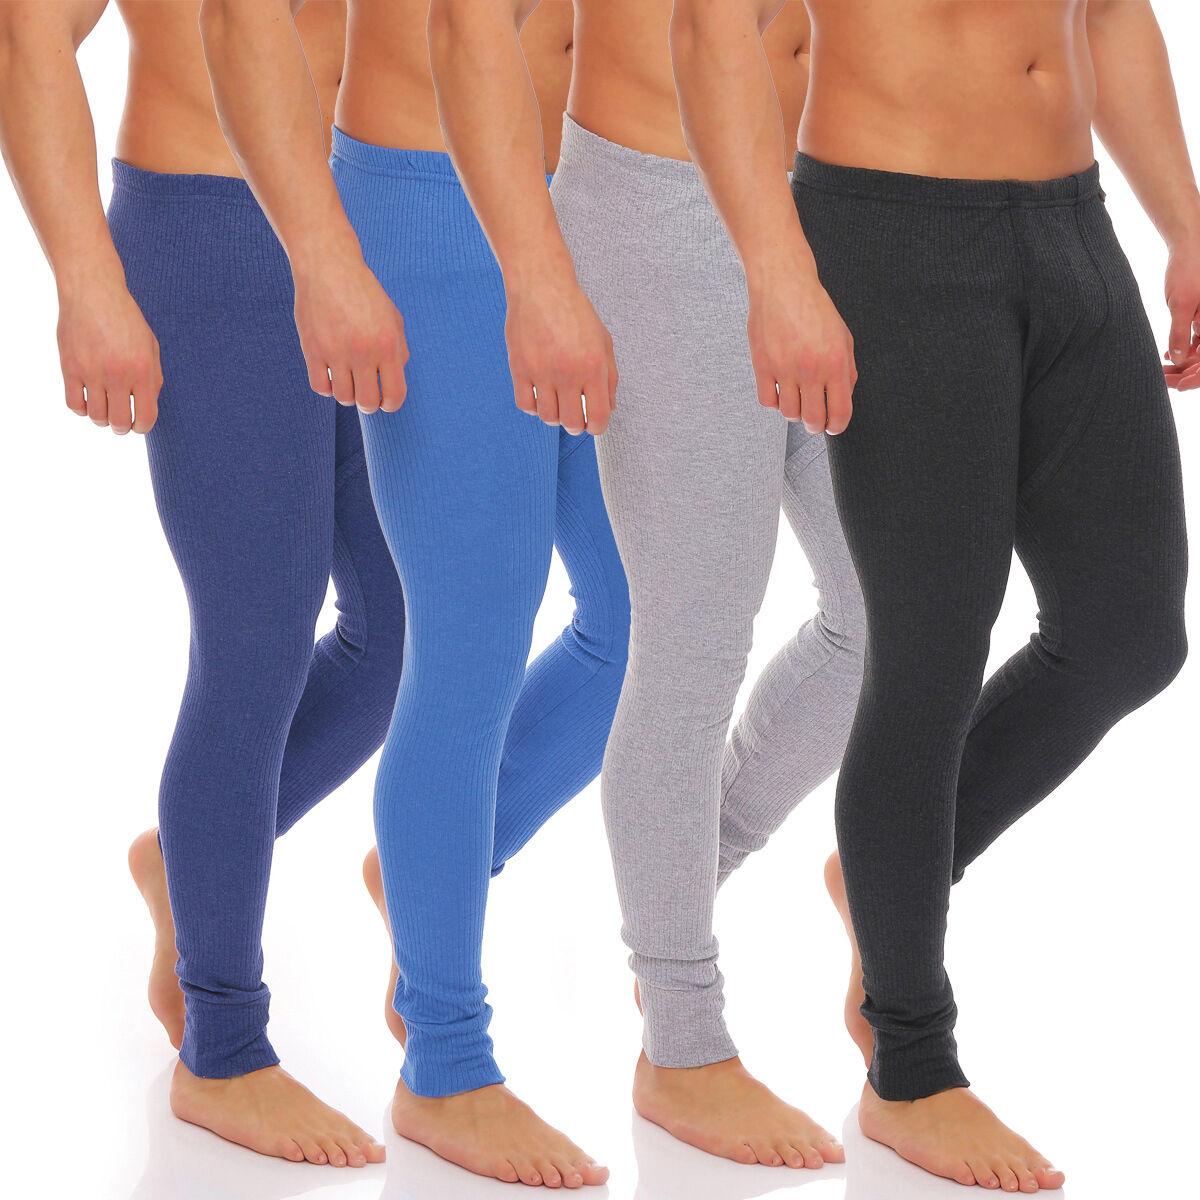 Herren Outdoor-Unterwäsche Lange Thermo-Unterhose angeraut Warme Arbeitswäsche